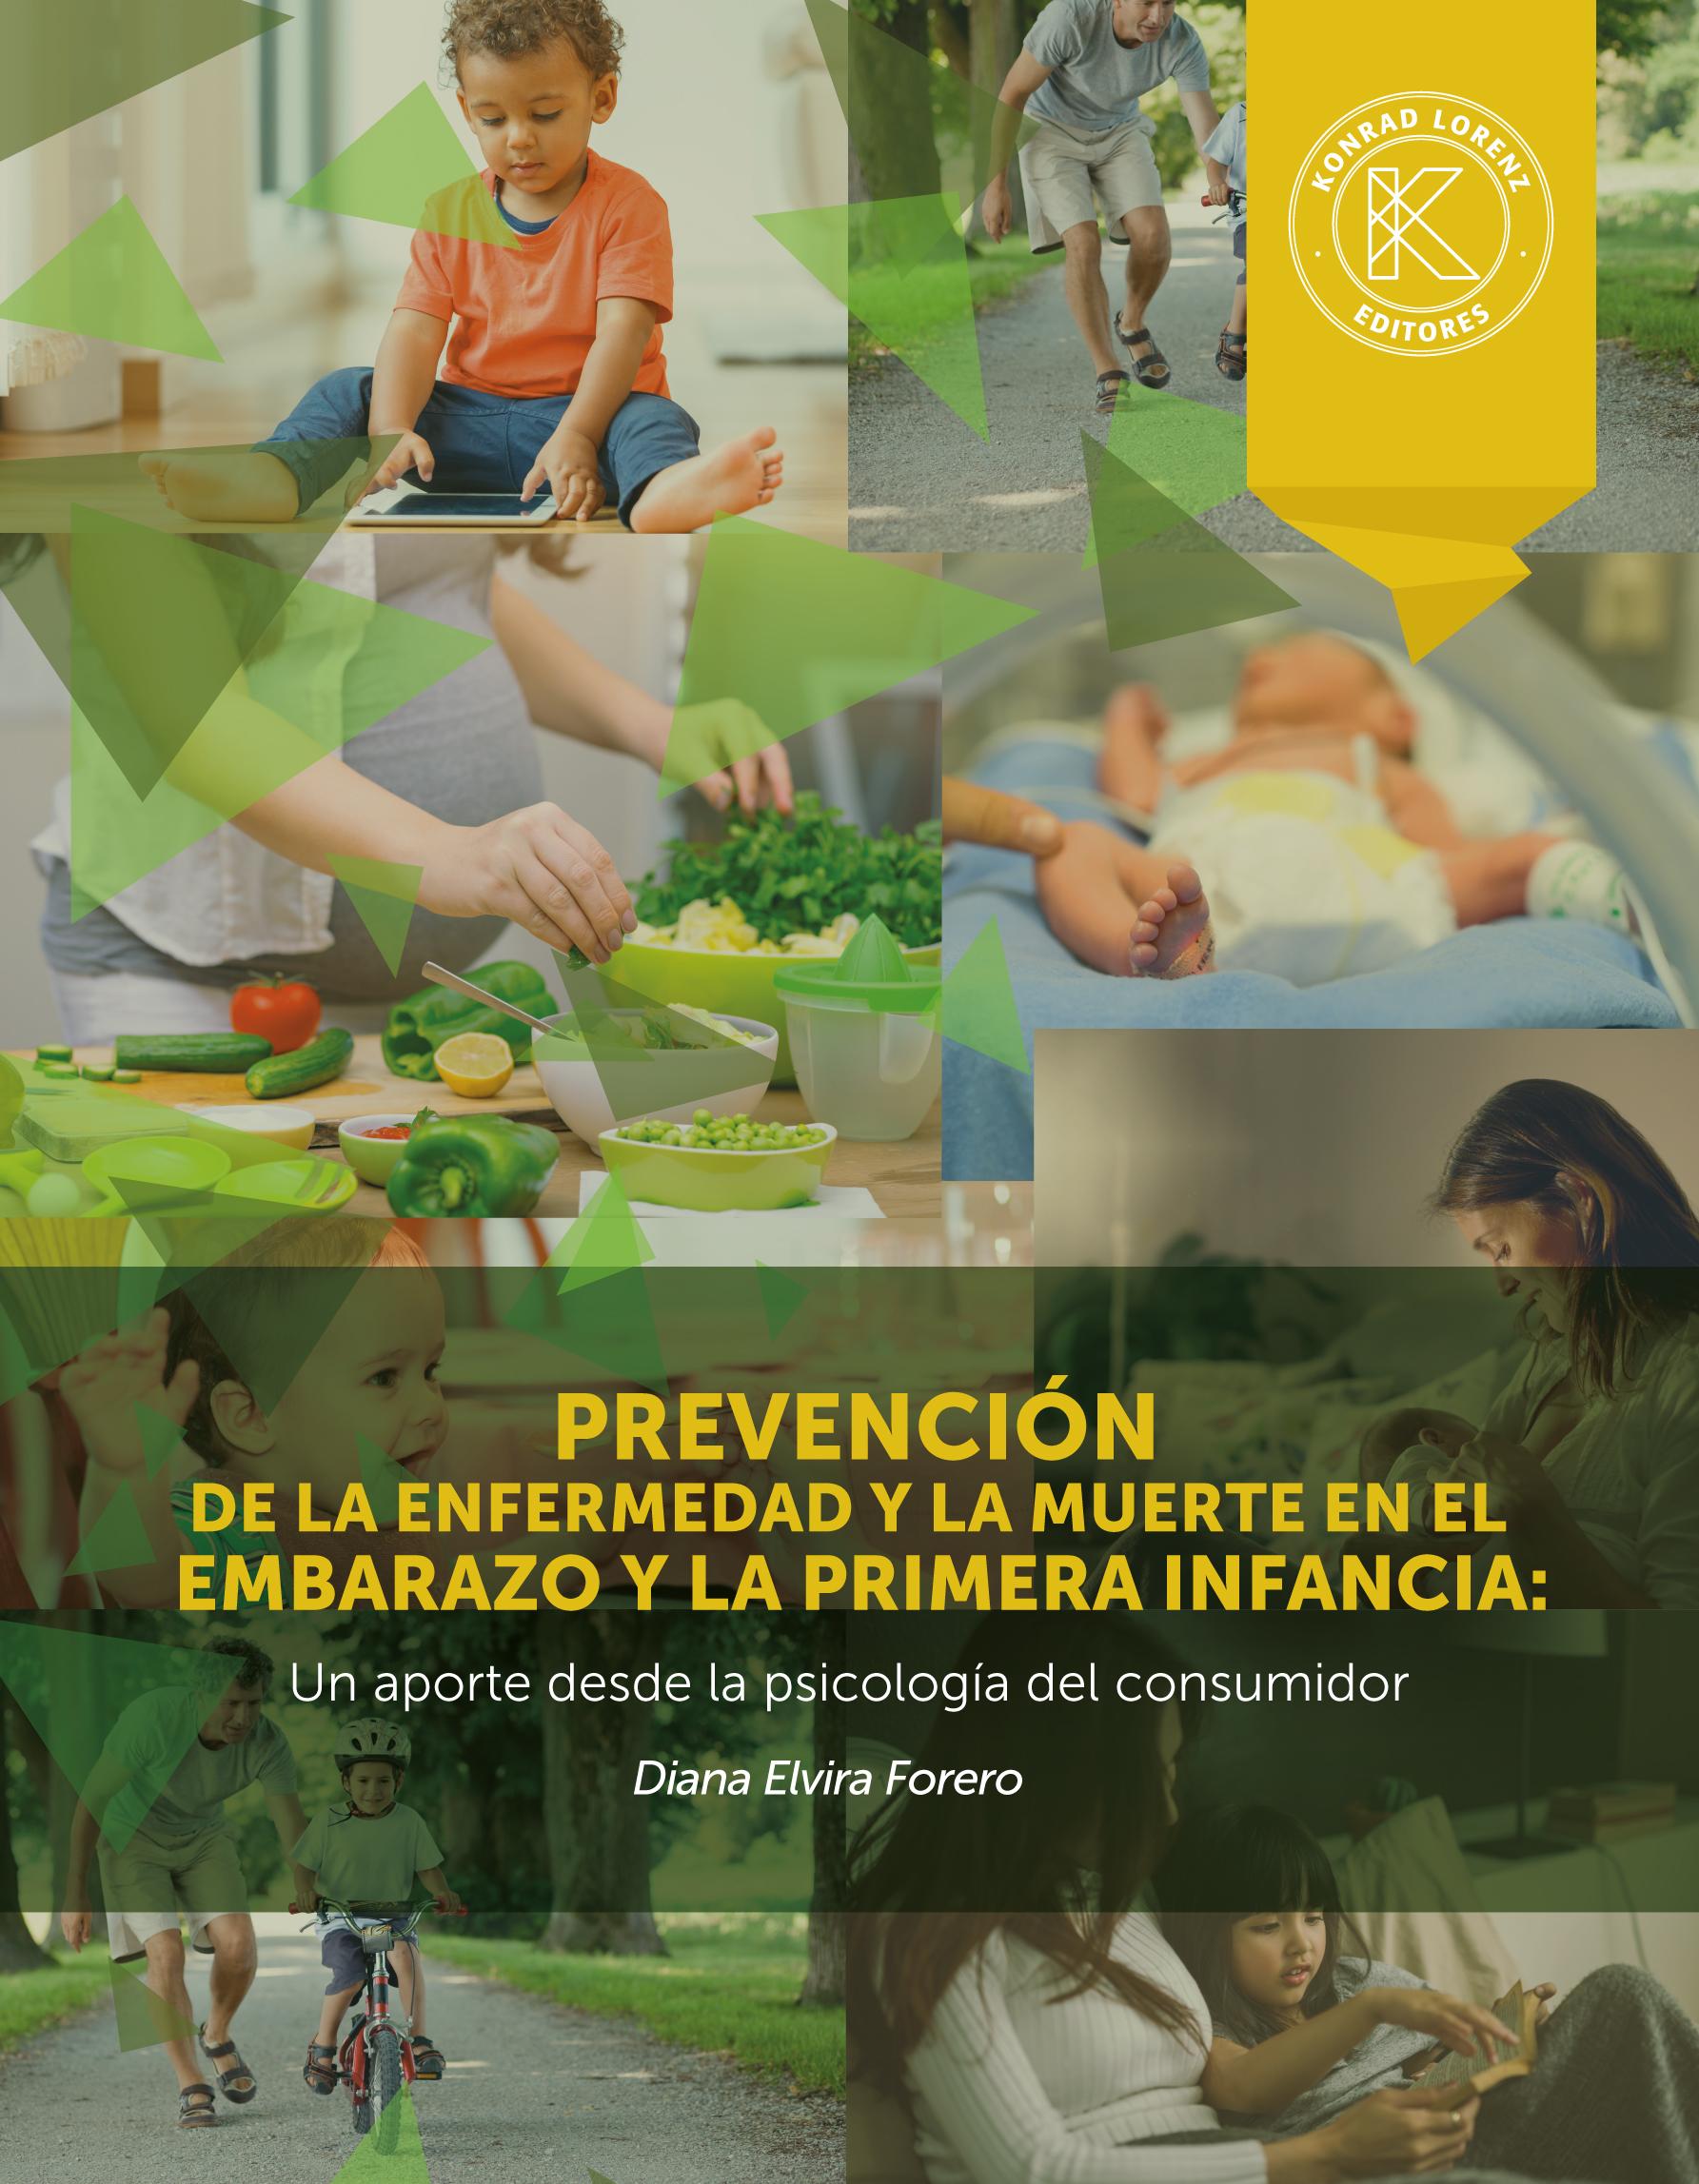 Prevención de la enfermedad y la muerte en el embarazo y la primera infancia: Un aporte desde la Psicología del Consumidor